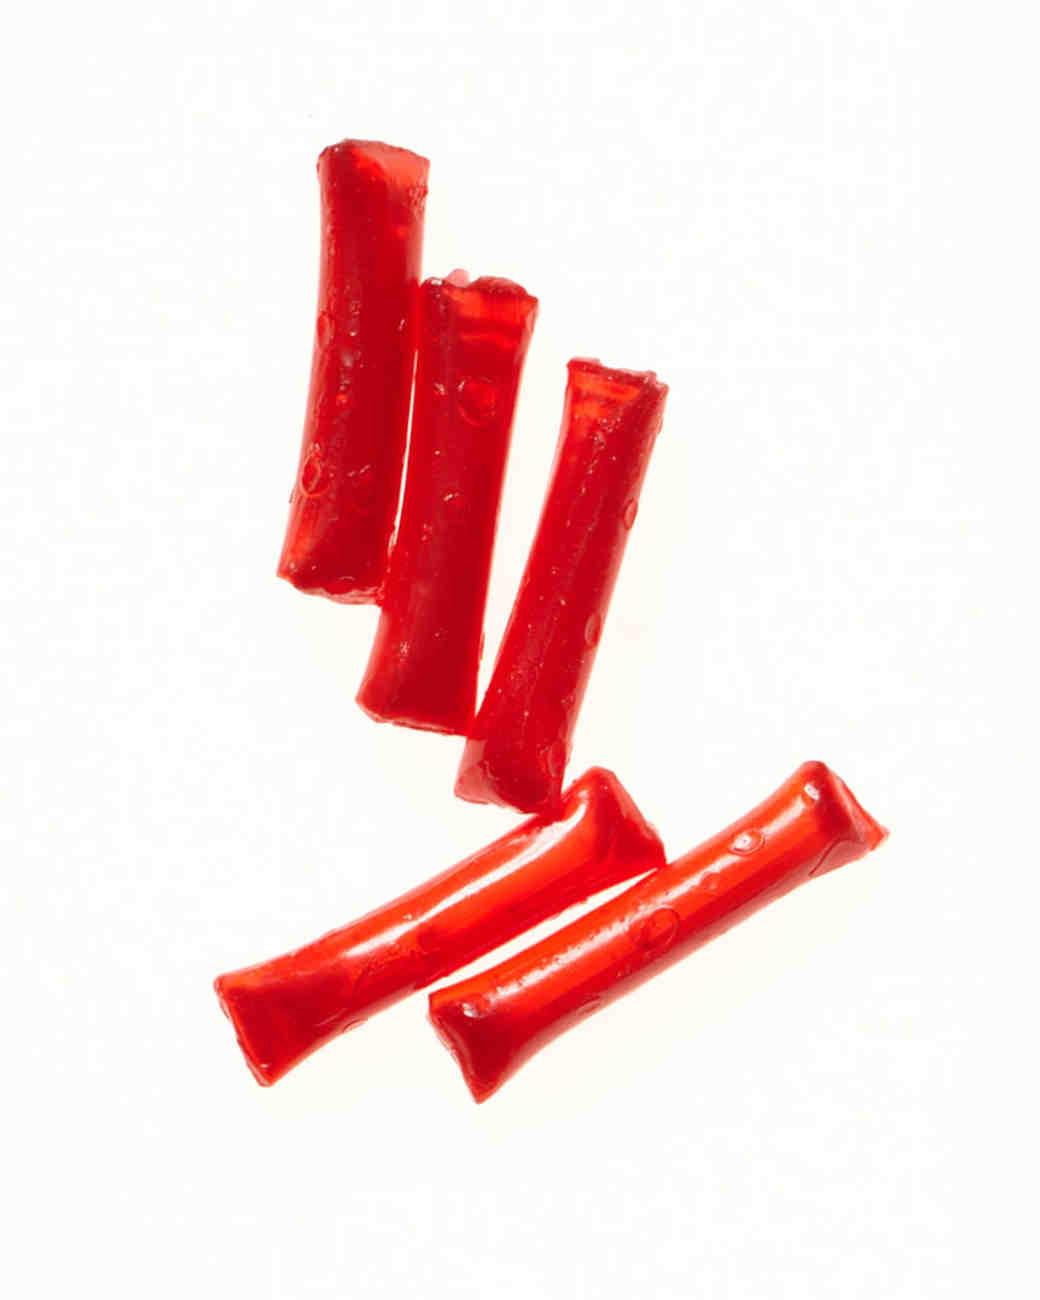 candy-dylan-sum11d107396-018.jpg